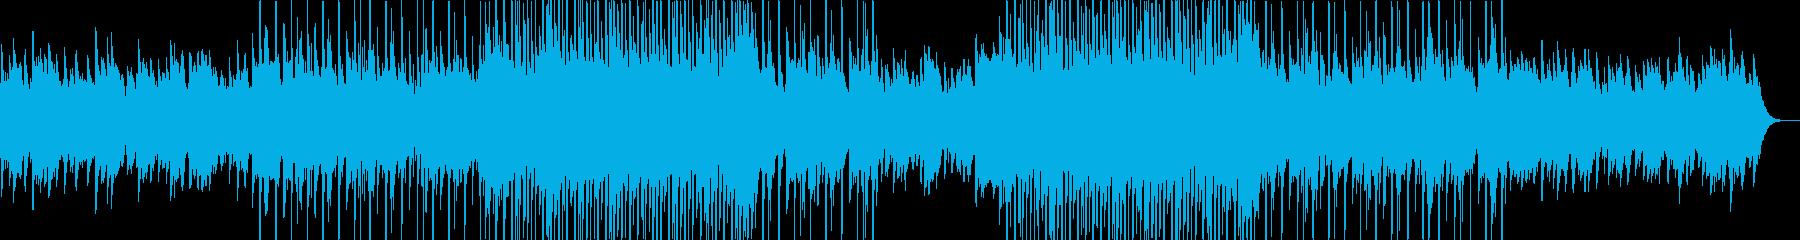 ローファイでミニマルな4つうちBGMの再生済みの波形